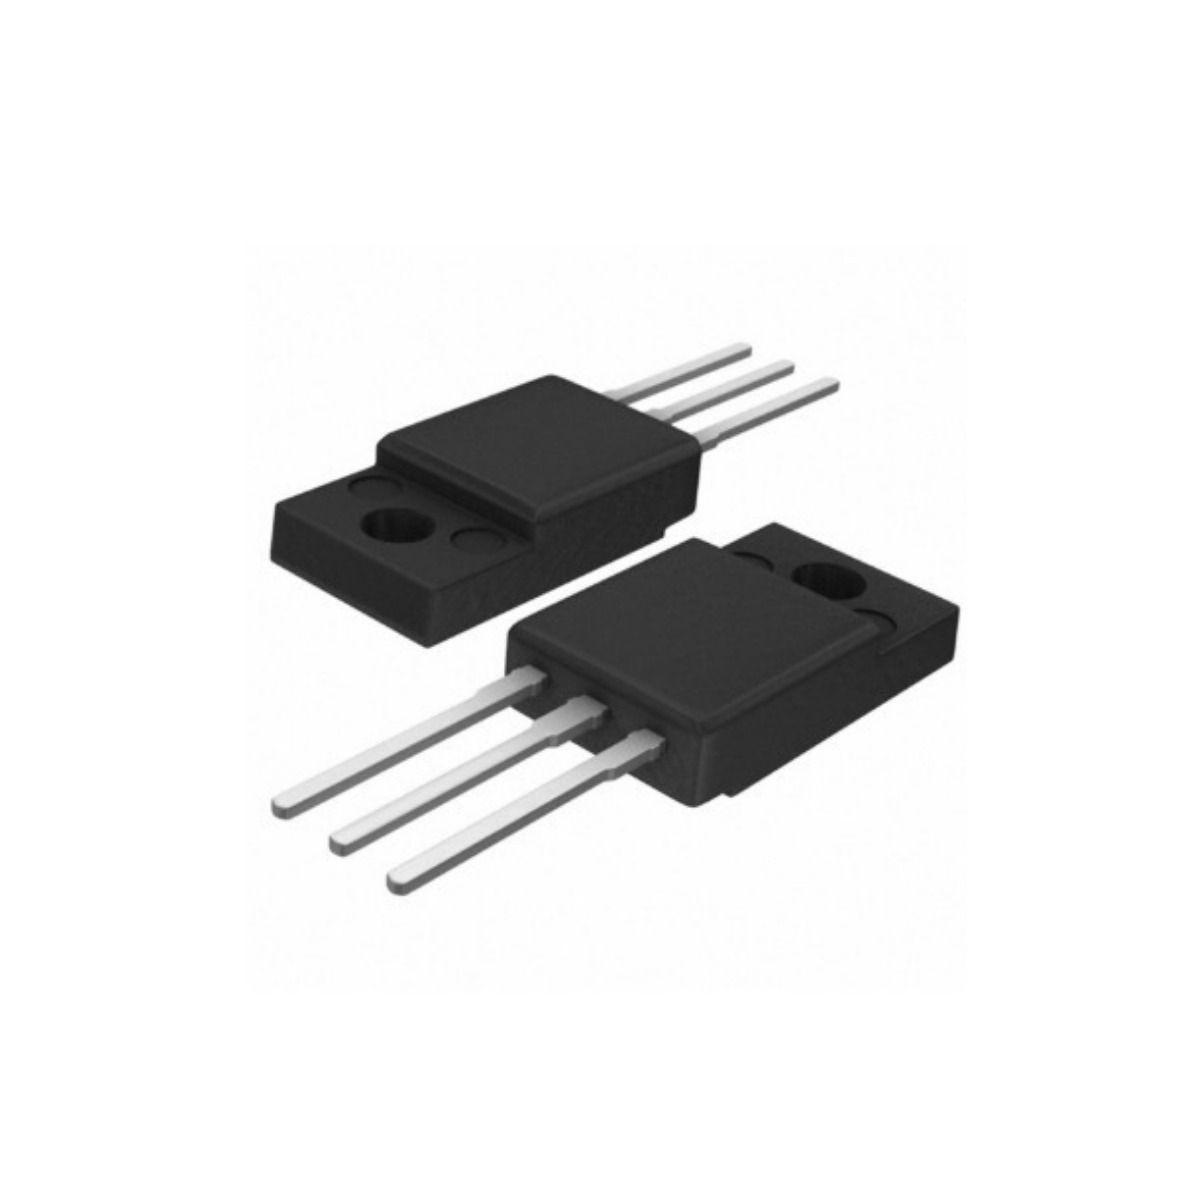 5 Peças Transistor Mosfet Ao4468 - 4468 Novo Original Alpha